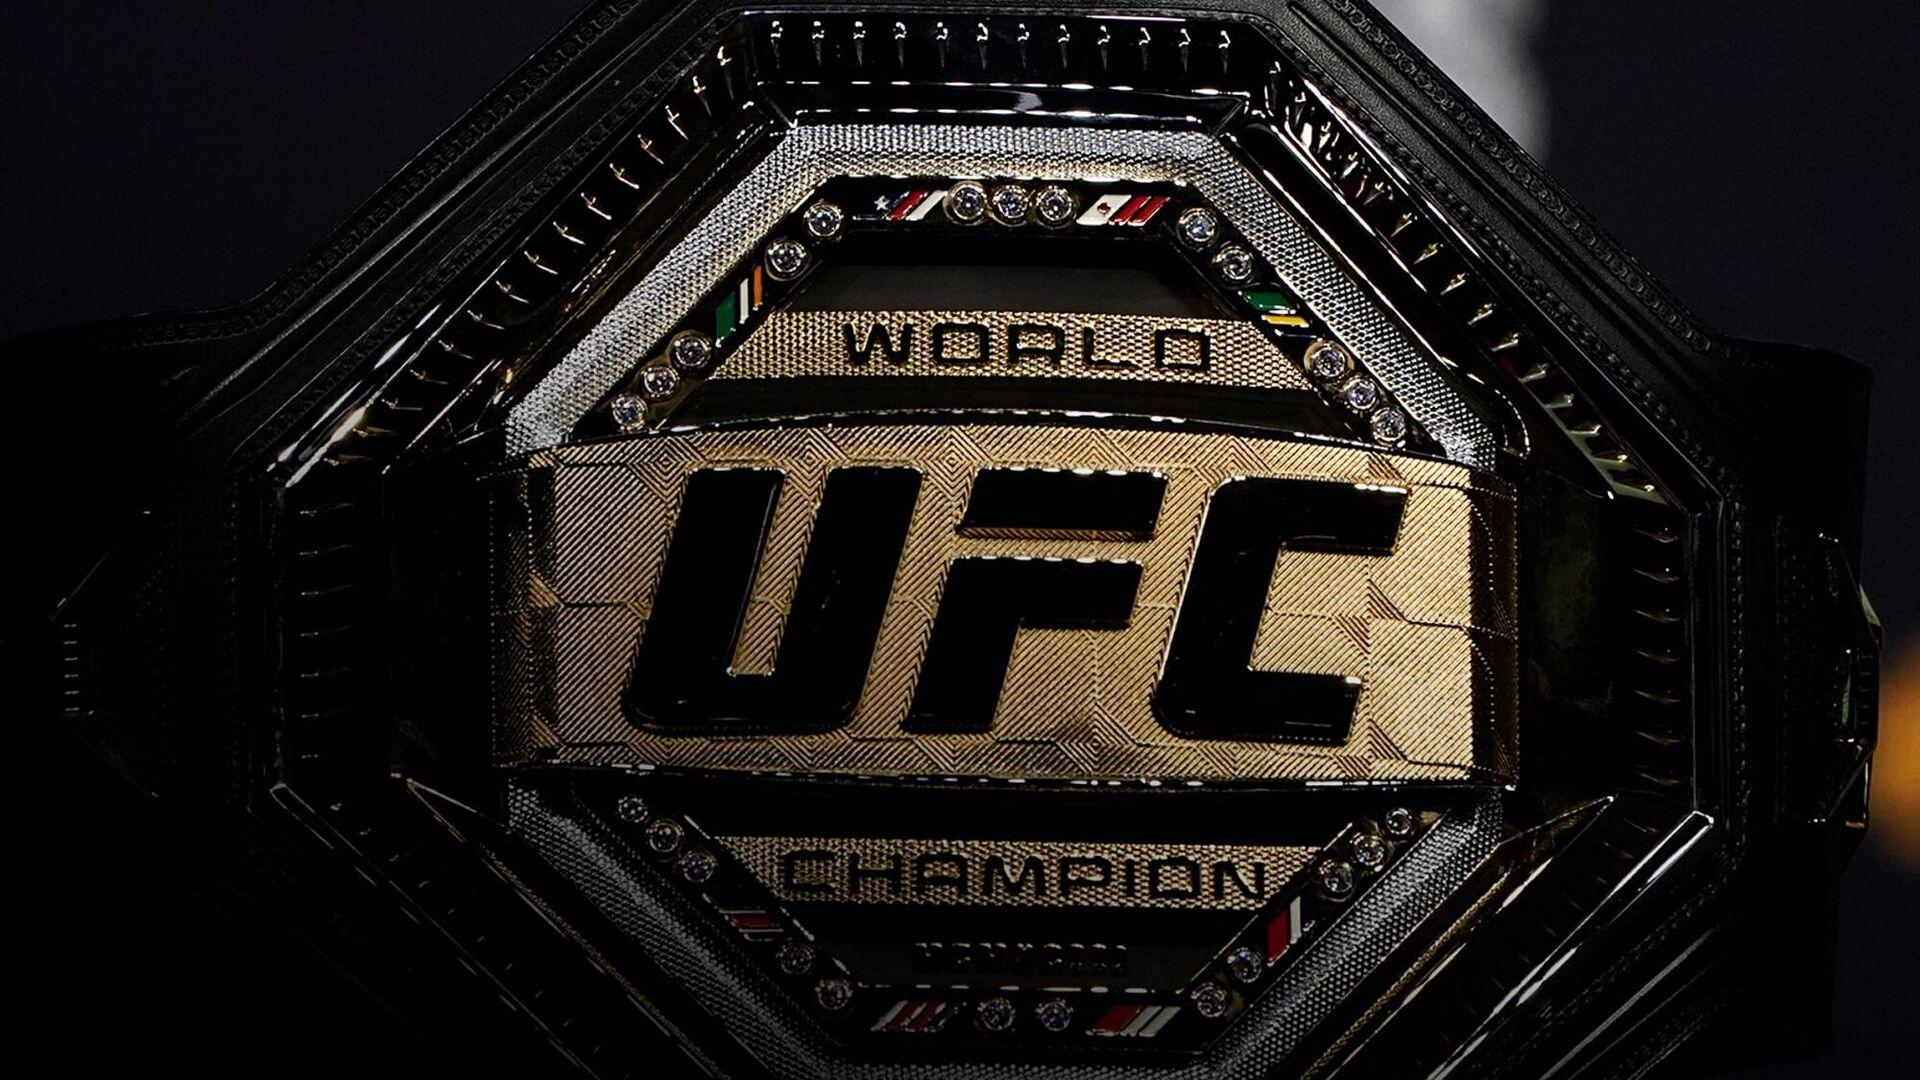 Пояс UFC - РИА Новости, 1920, 13.06.2021